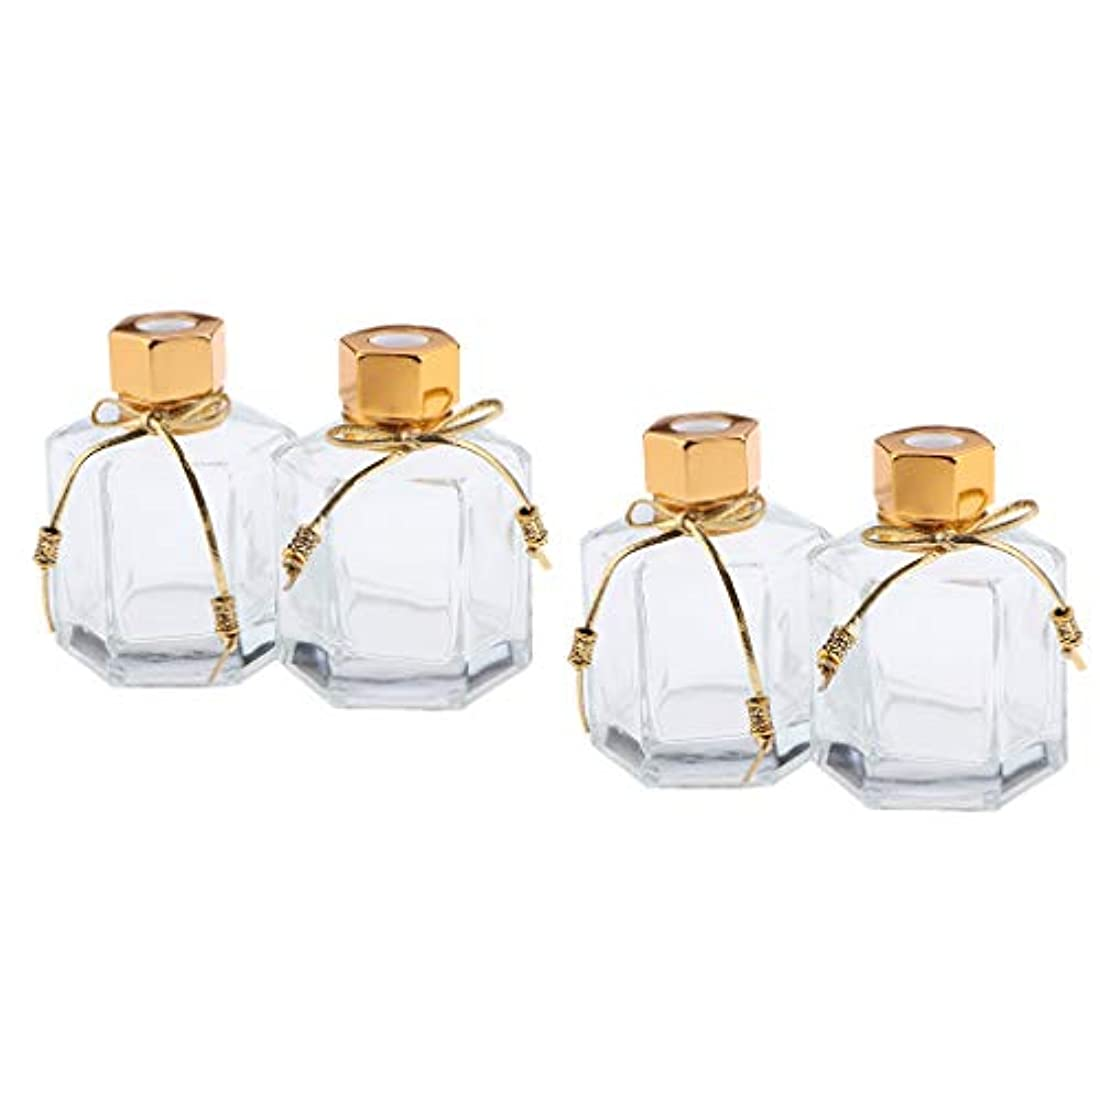 ピケ第三会う100ミリリットル 香りディフューザーボトル 香水瓶 ガラスボトル 空 ガラス容器 4個入り